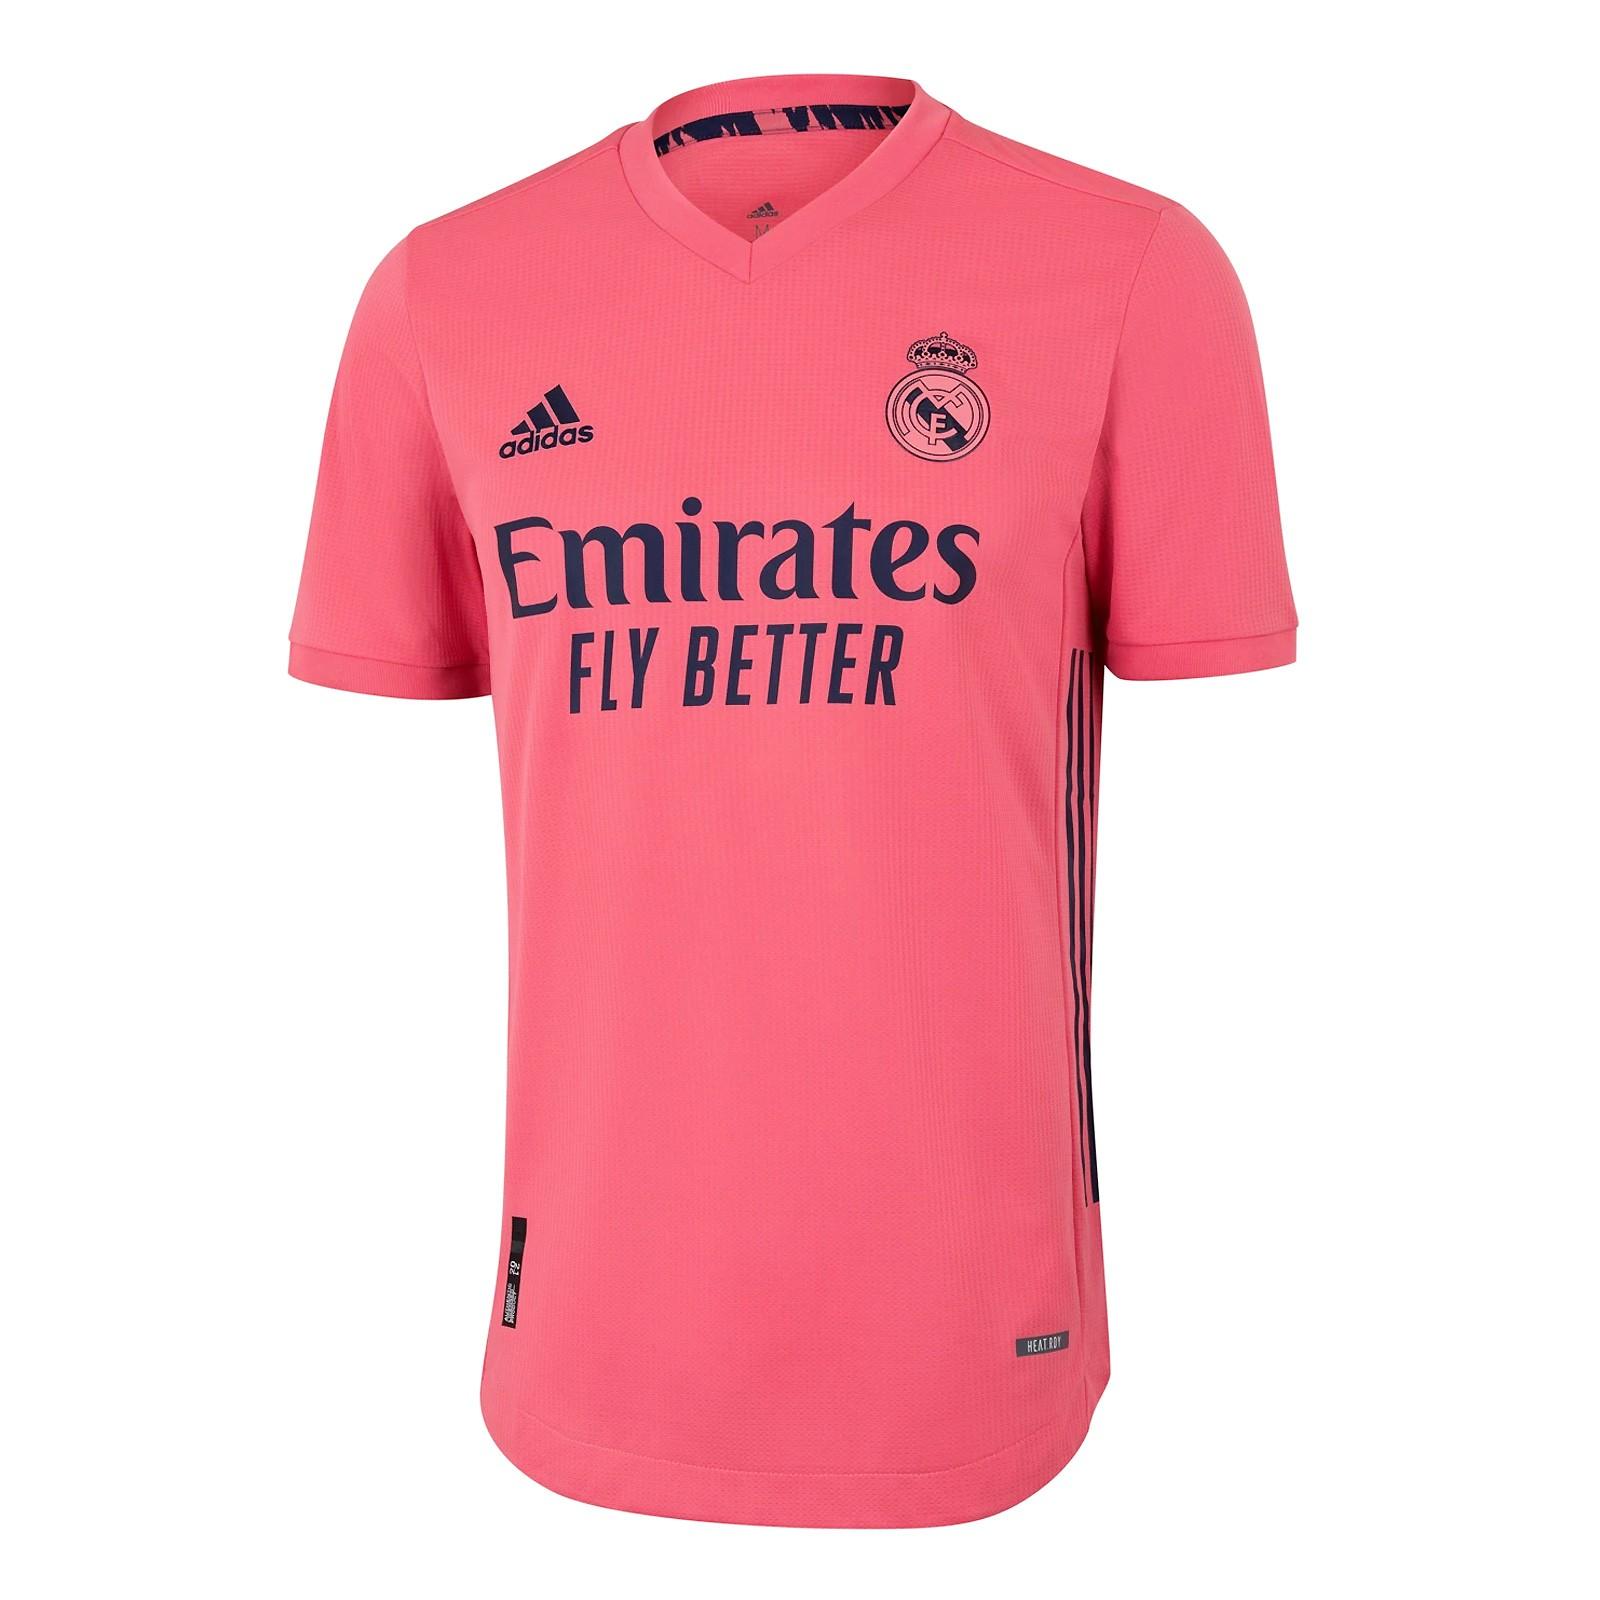 皇家马德里2020-21赛季球员版客场球衣